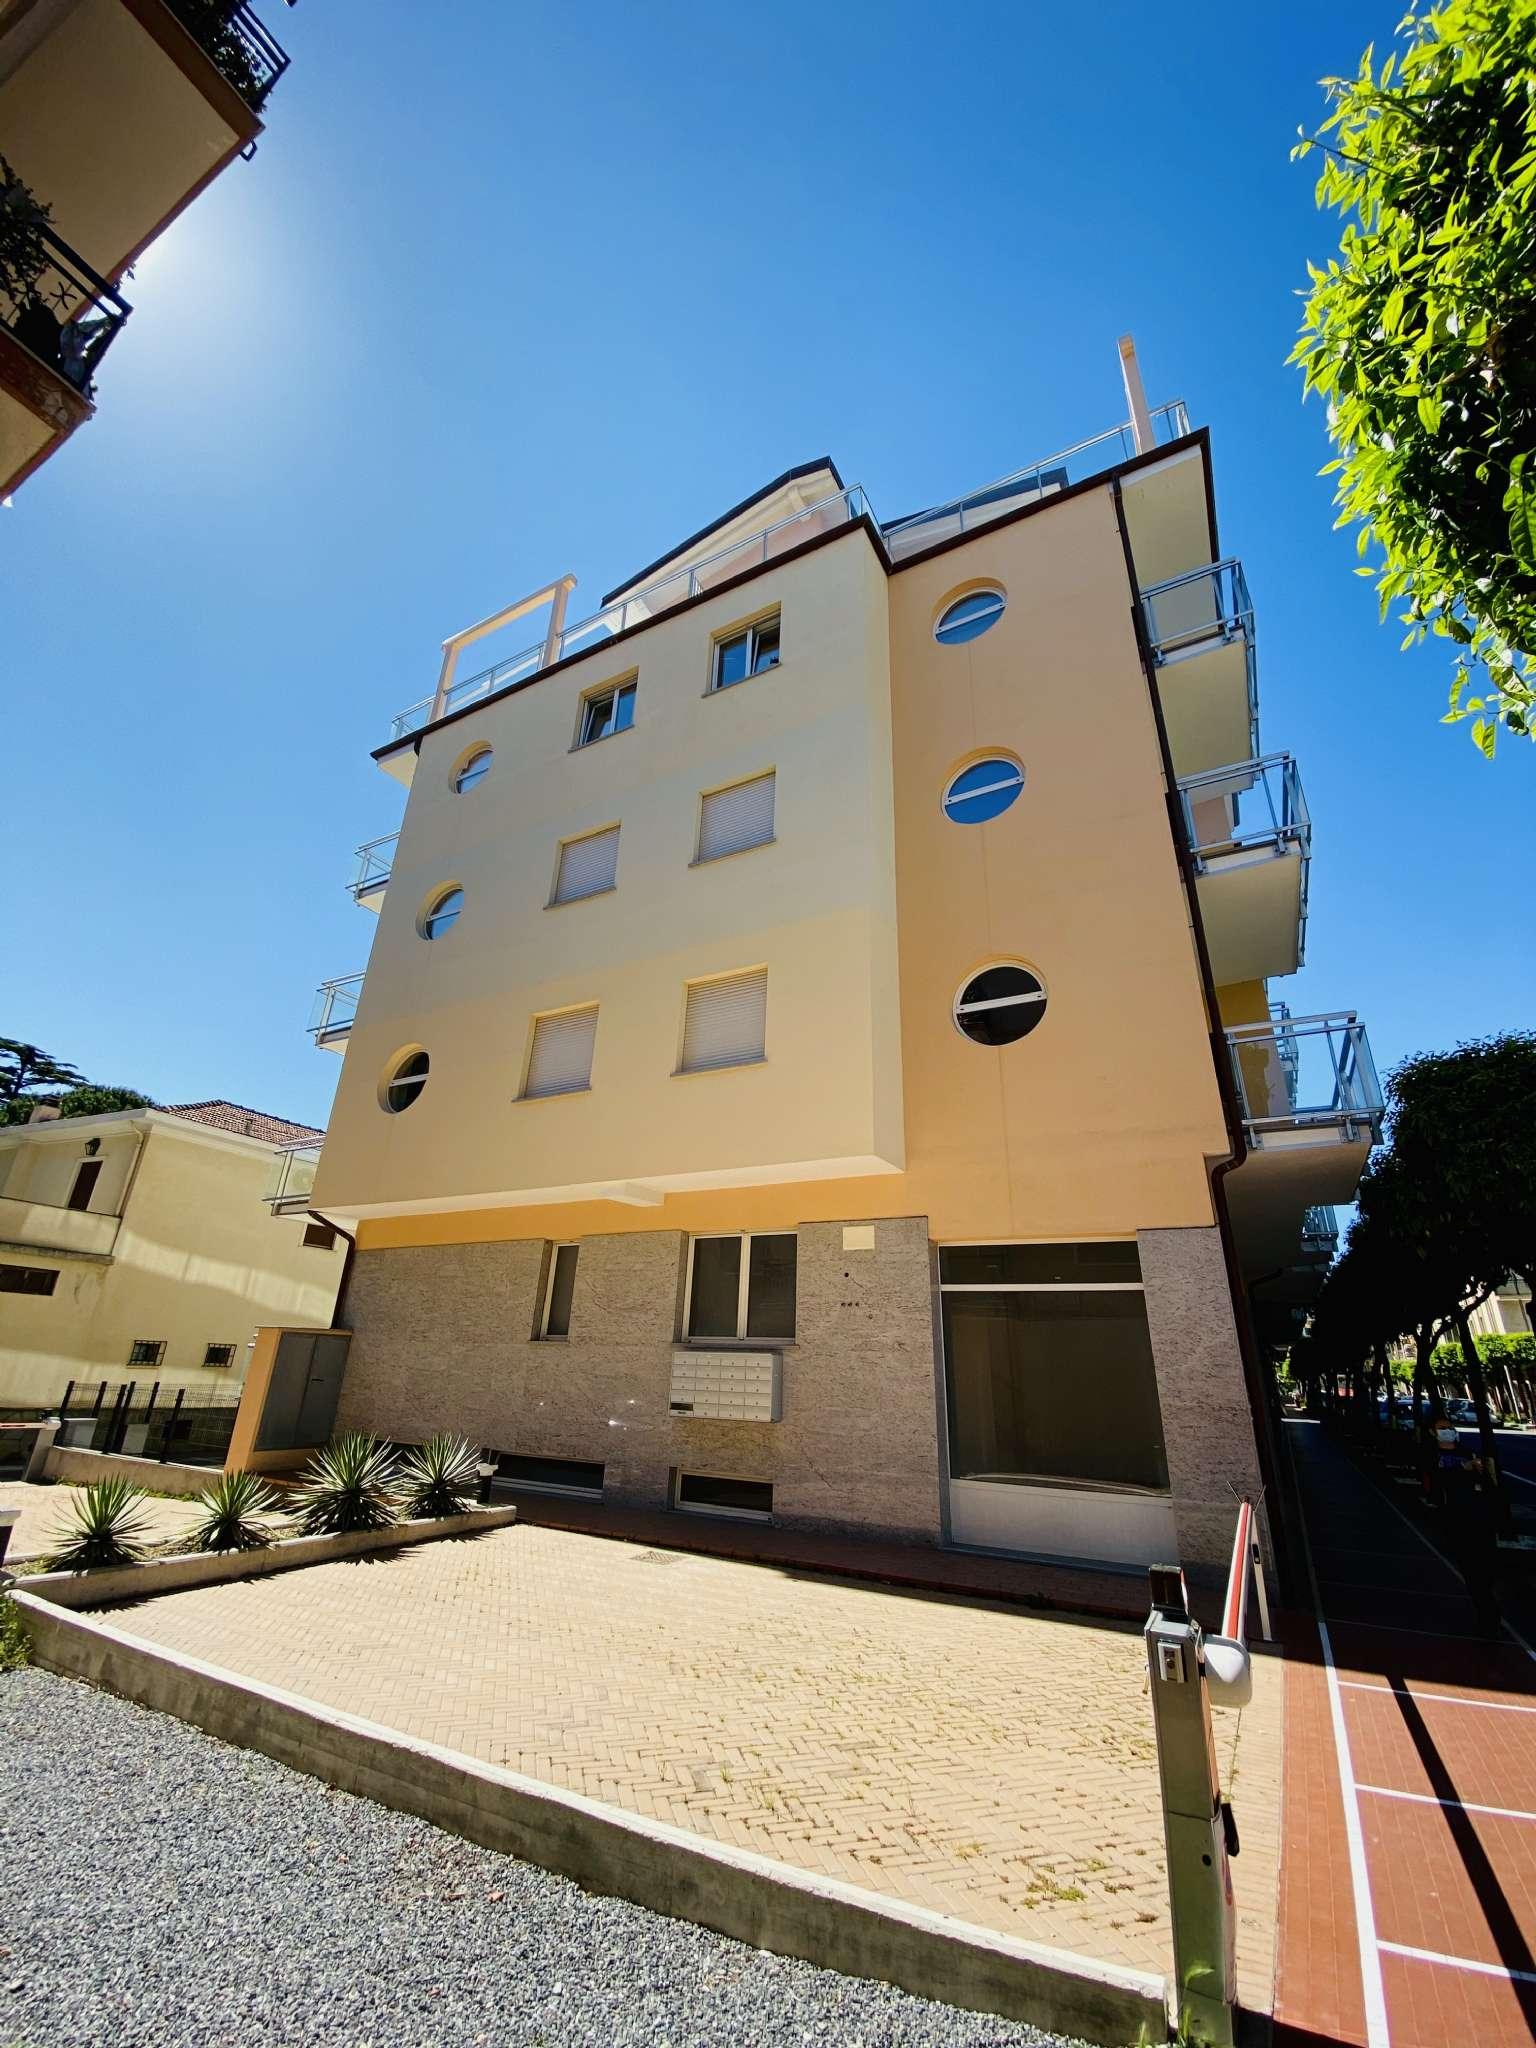 Appartamento in vendita a Diano Marina, 3 locali, prezzo € 310.000 | PortaleAgenzieImmobiliari.it